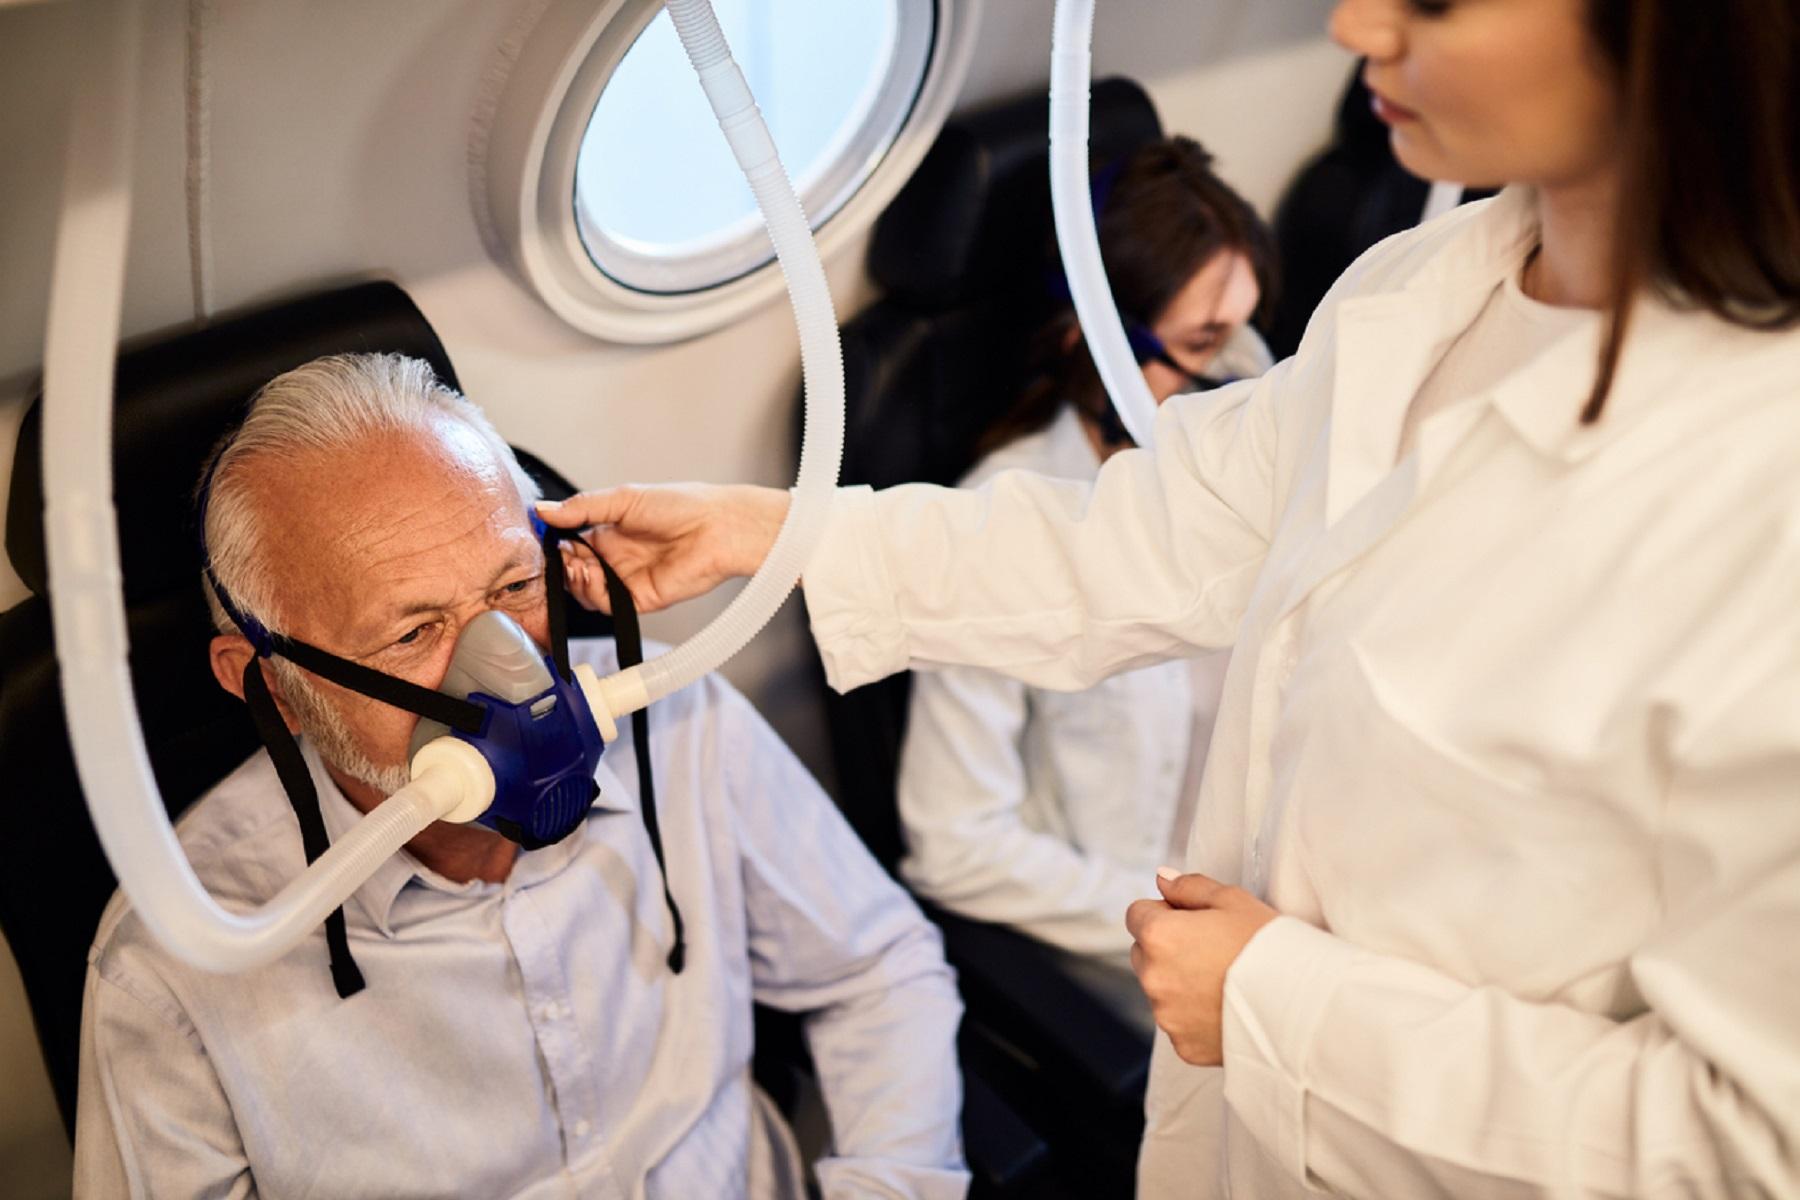 Πανεπιστήμιο Τελ Αβίβ: Θεραπεία υπερβαρικού οξυγόνου για την πρόληψη του Αλτσχάιμερ